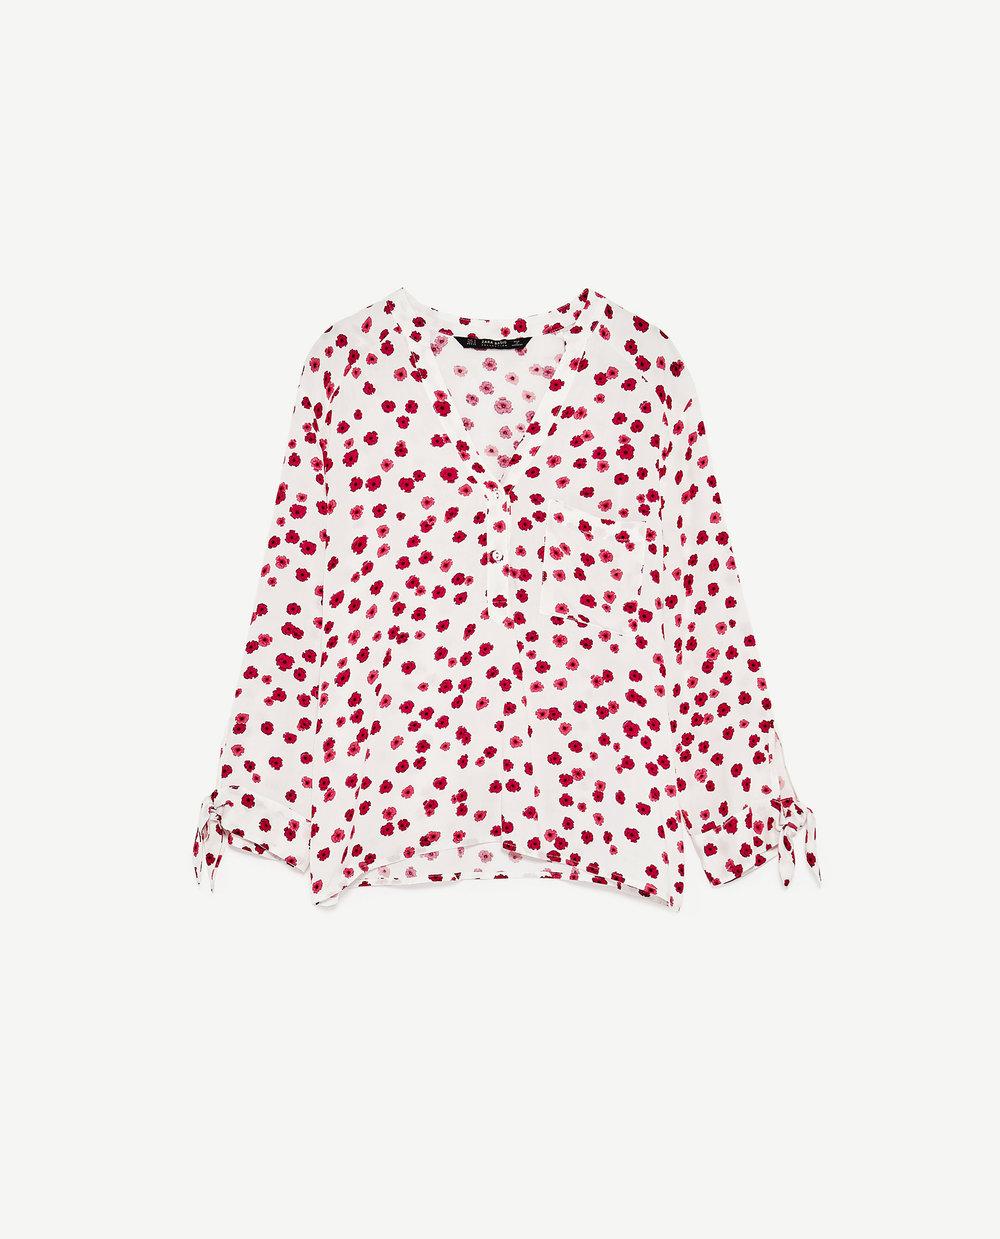 Camisa com padrão floral, Zara